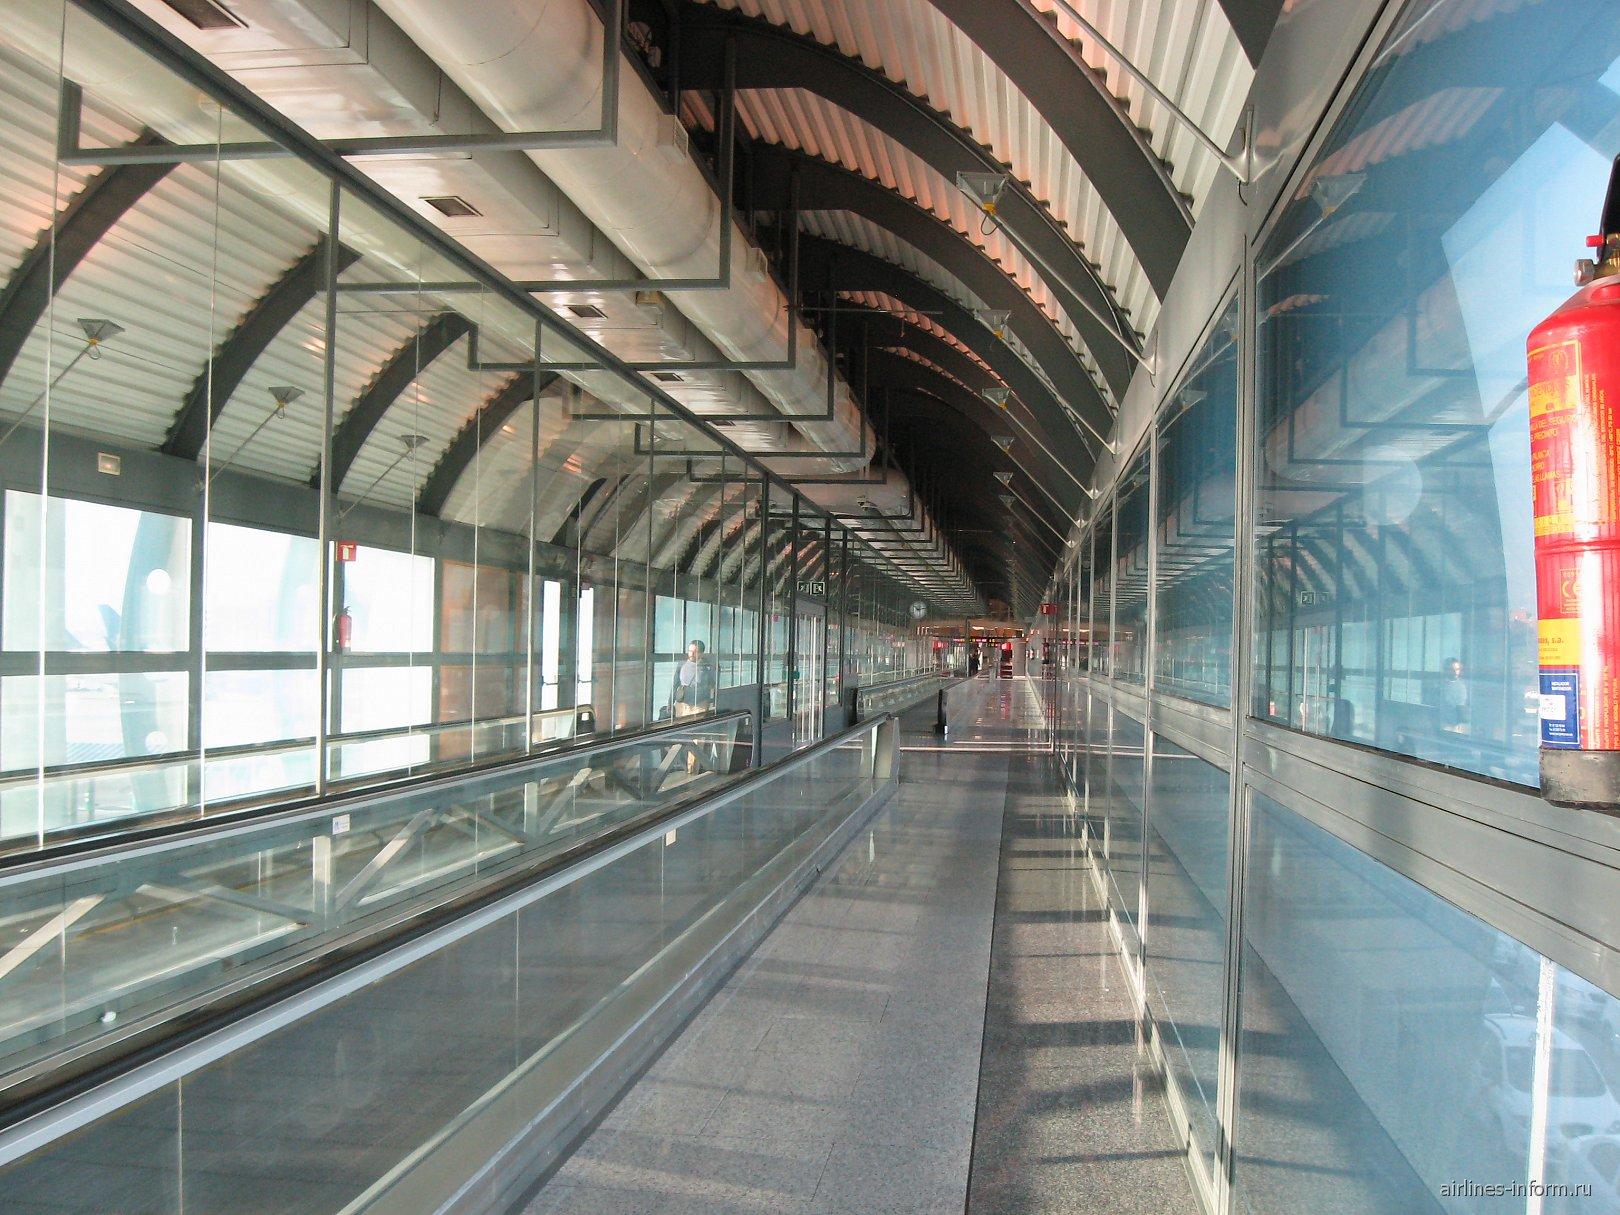 Переход к зоне вылетов А терминала 1 аэропорта Мадрид Барахас